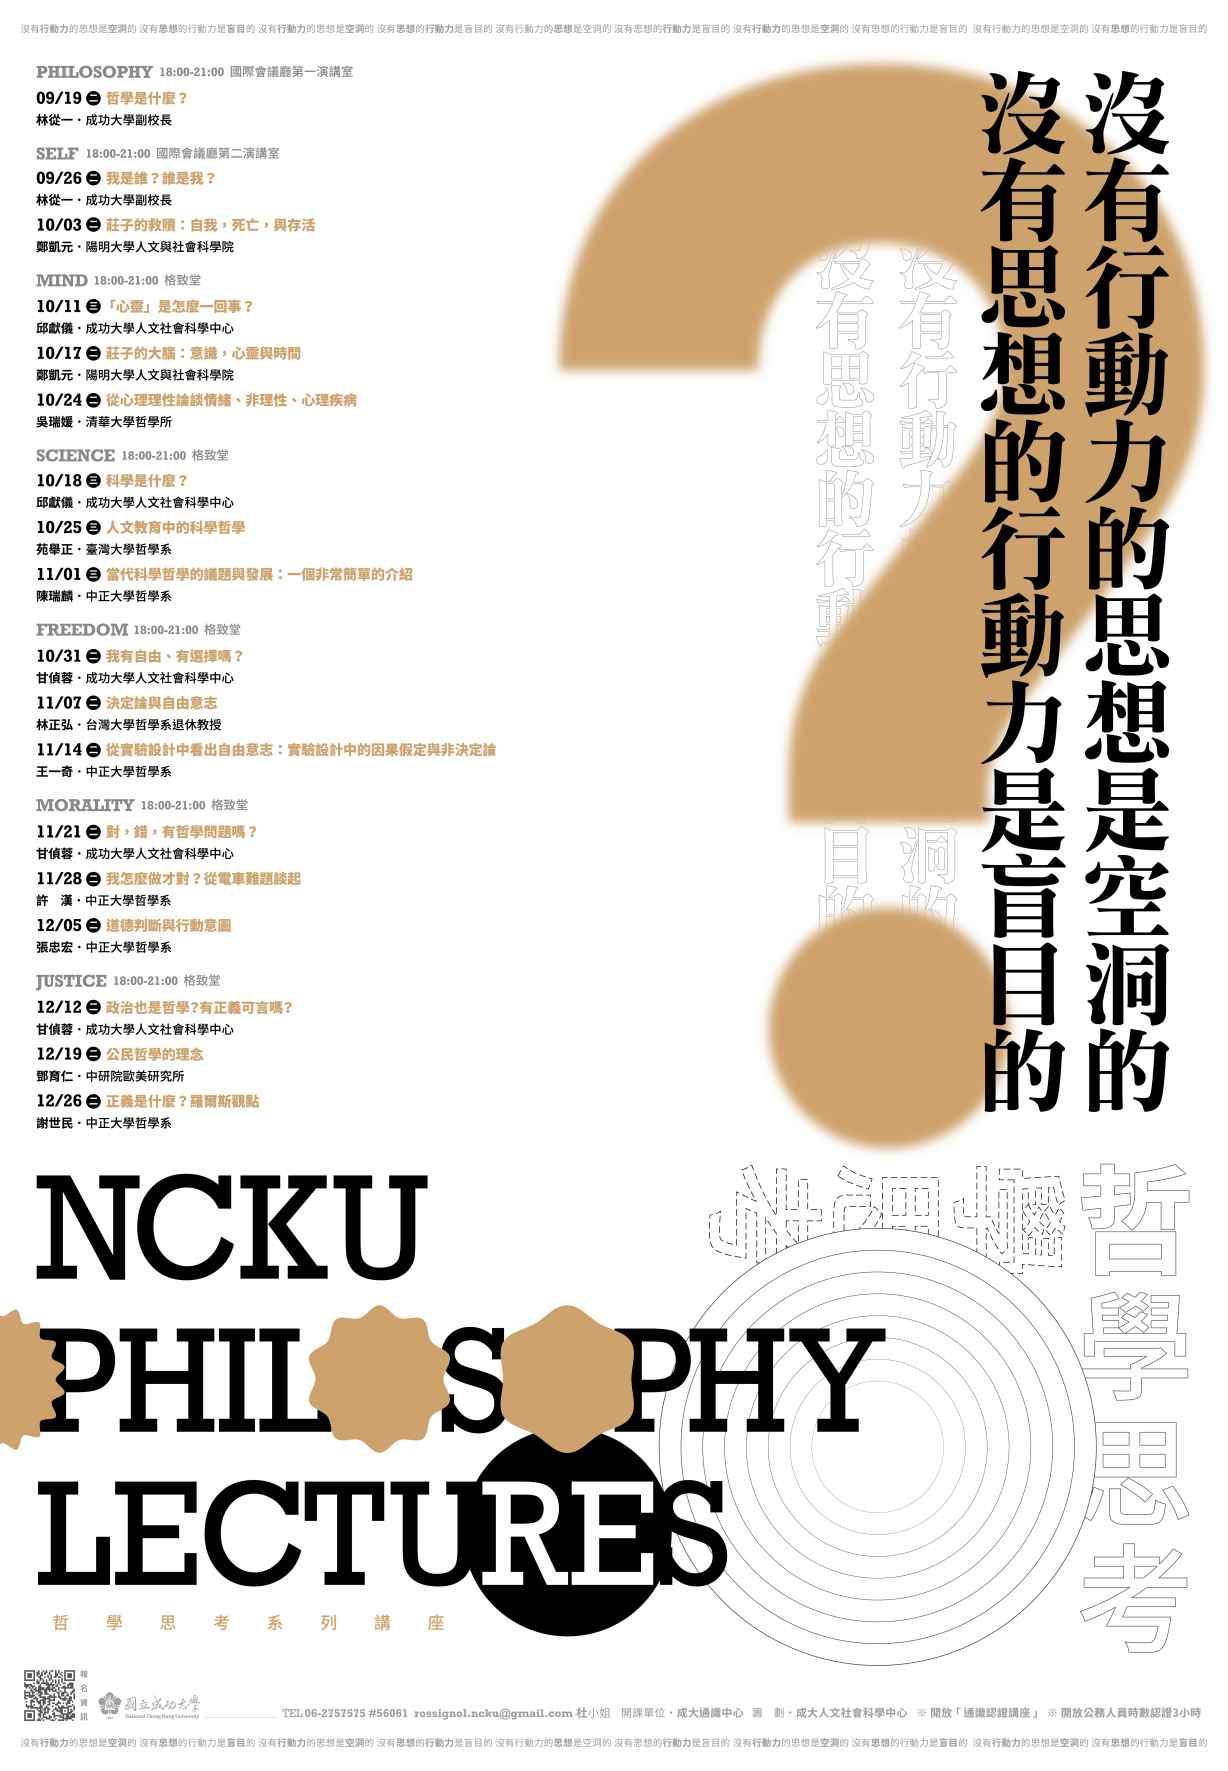 哲學思考系列講座–科學真的可靠嗎?〈當代科學哲學的議題與發展:一個非常簡單的介紹〉